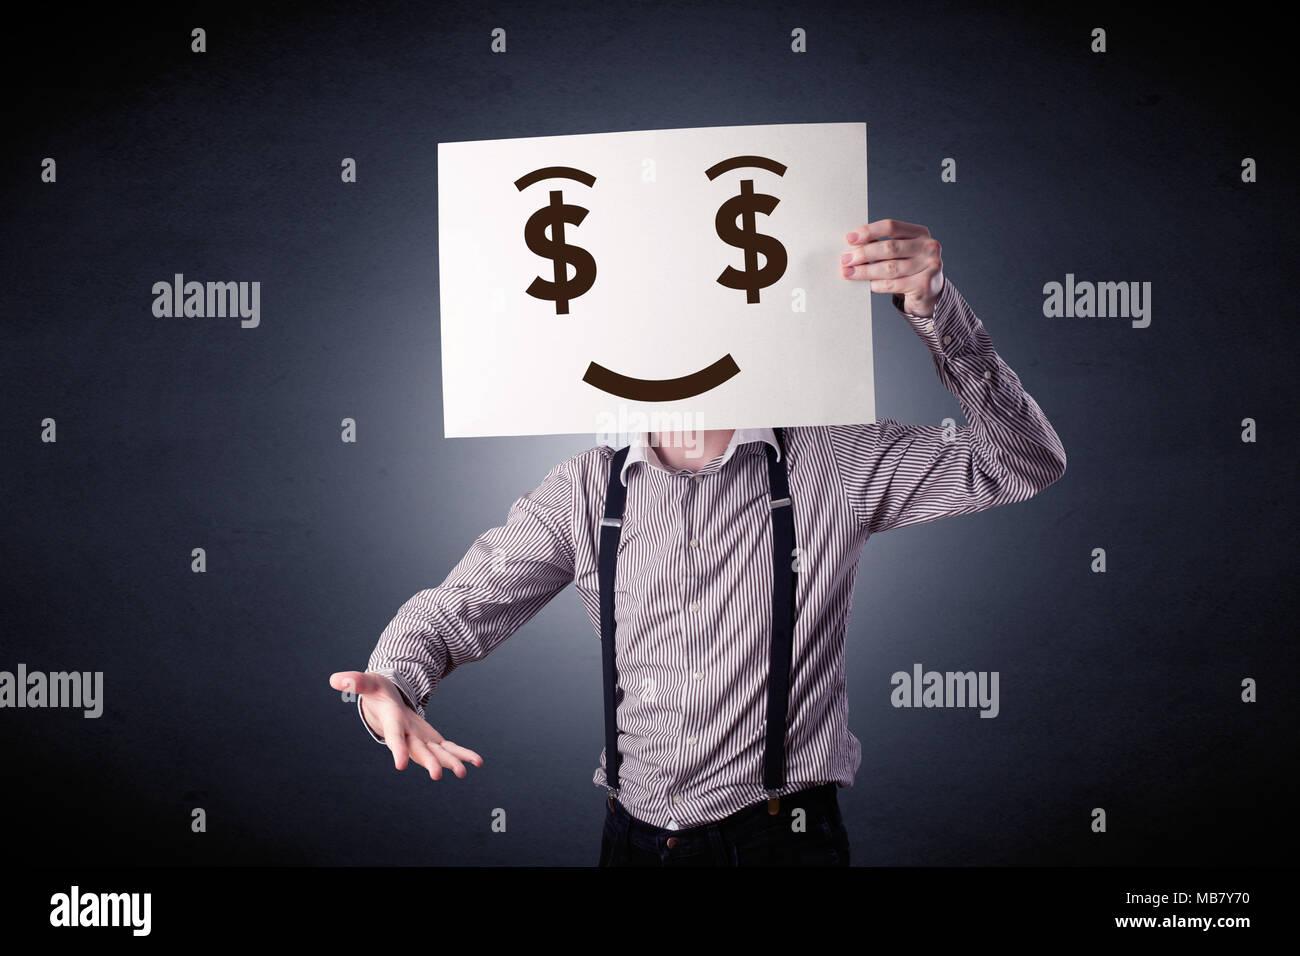 Giovane imprenditore informale di nascondersi dietro un avido faccia il disegno su cartone Immagini Stock